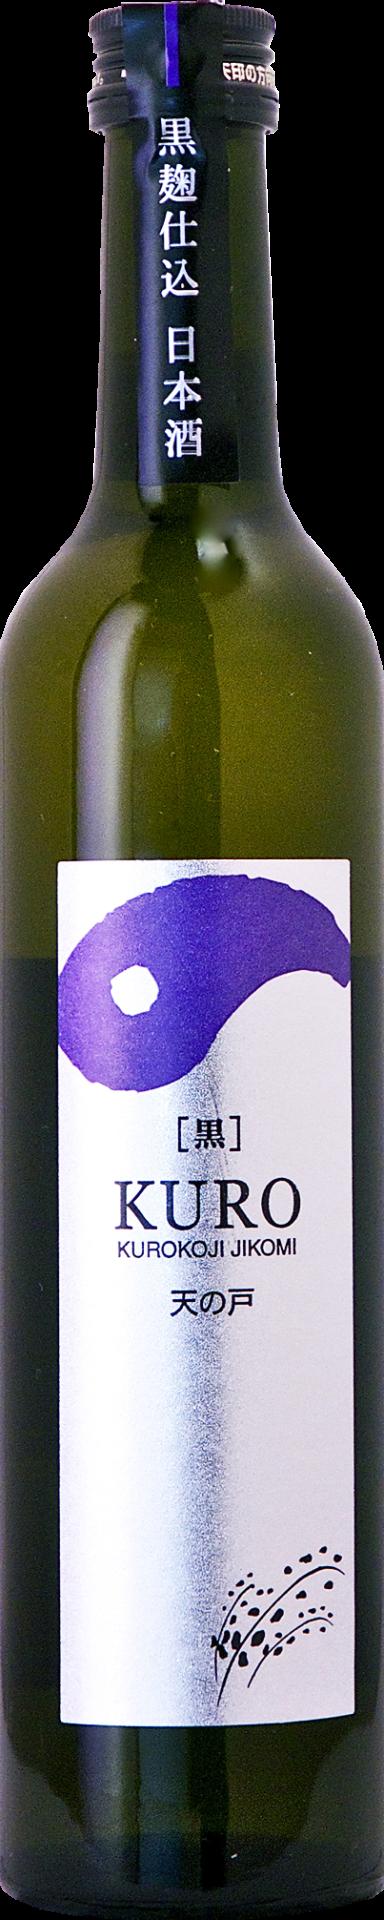 200143 Le Amanoto